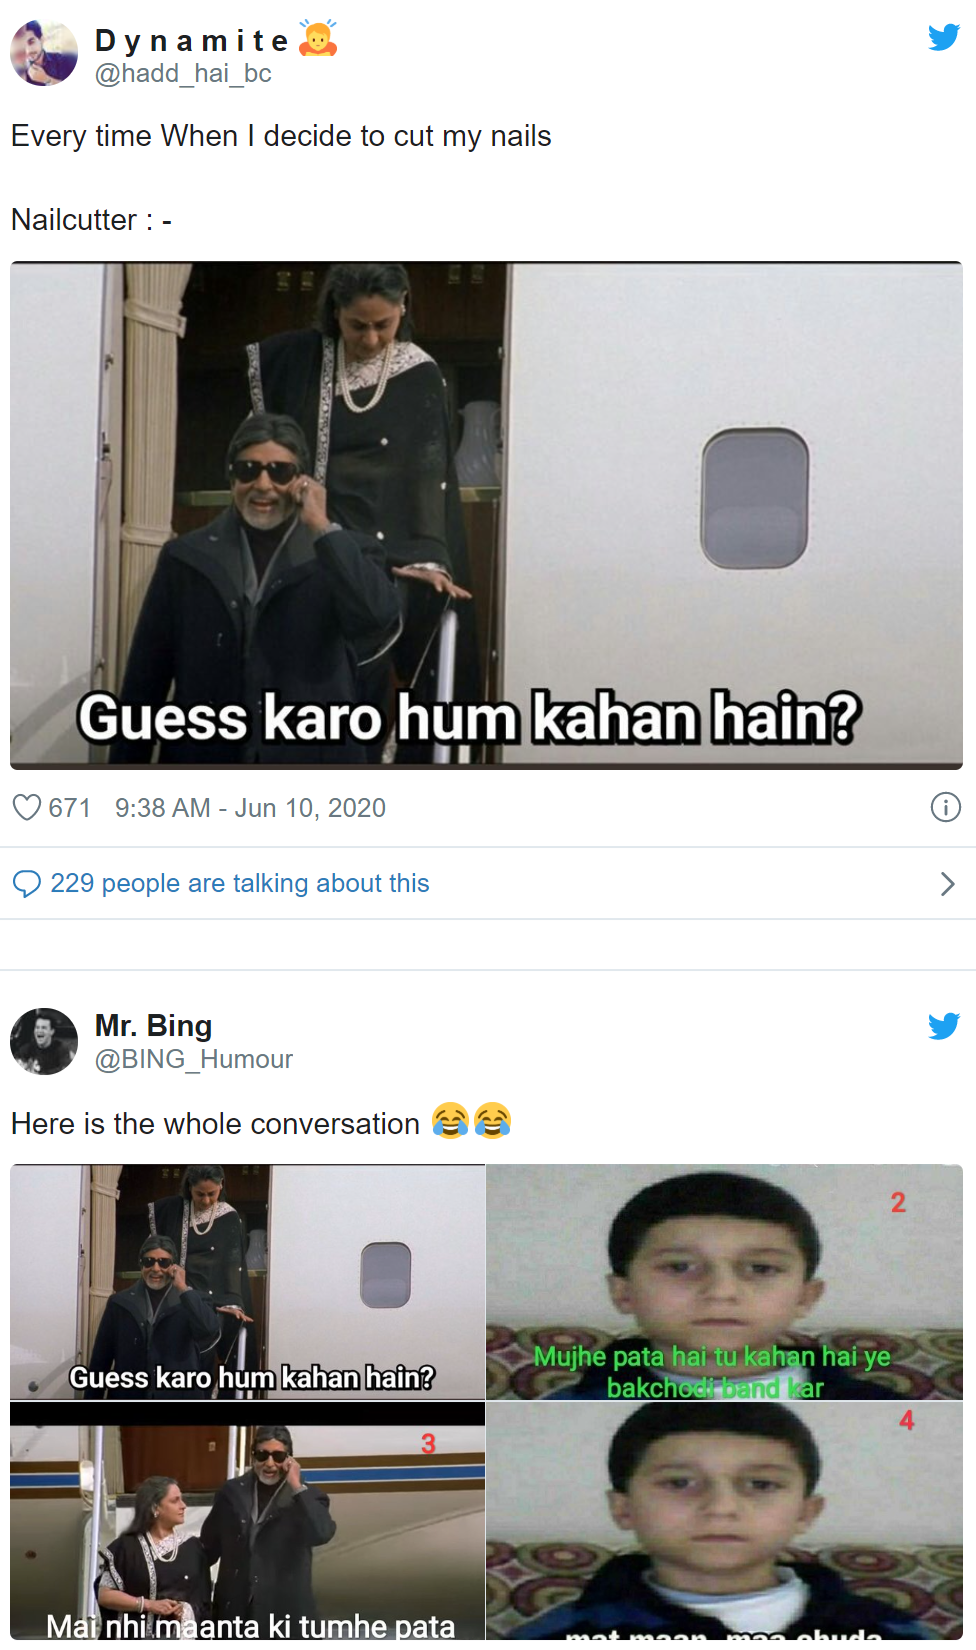 Kabhi Khushi Kabhie Gham Dialog 'Guess Karo Hum Kahan Hai' Returns With Memes